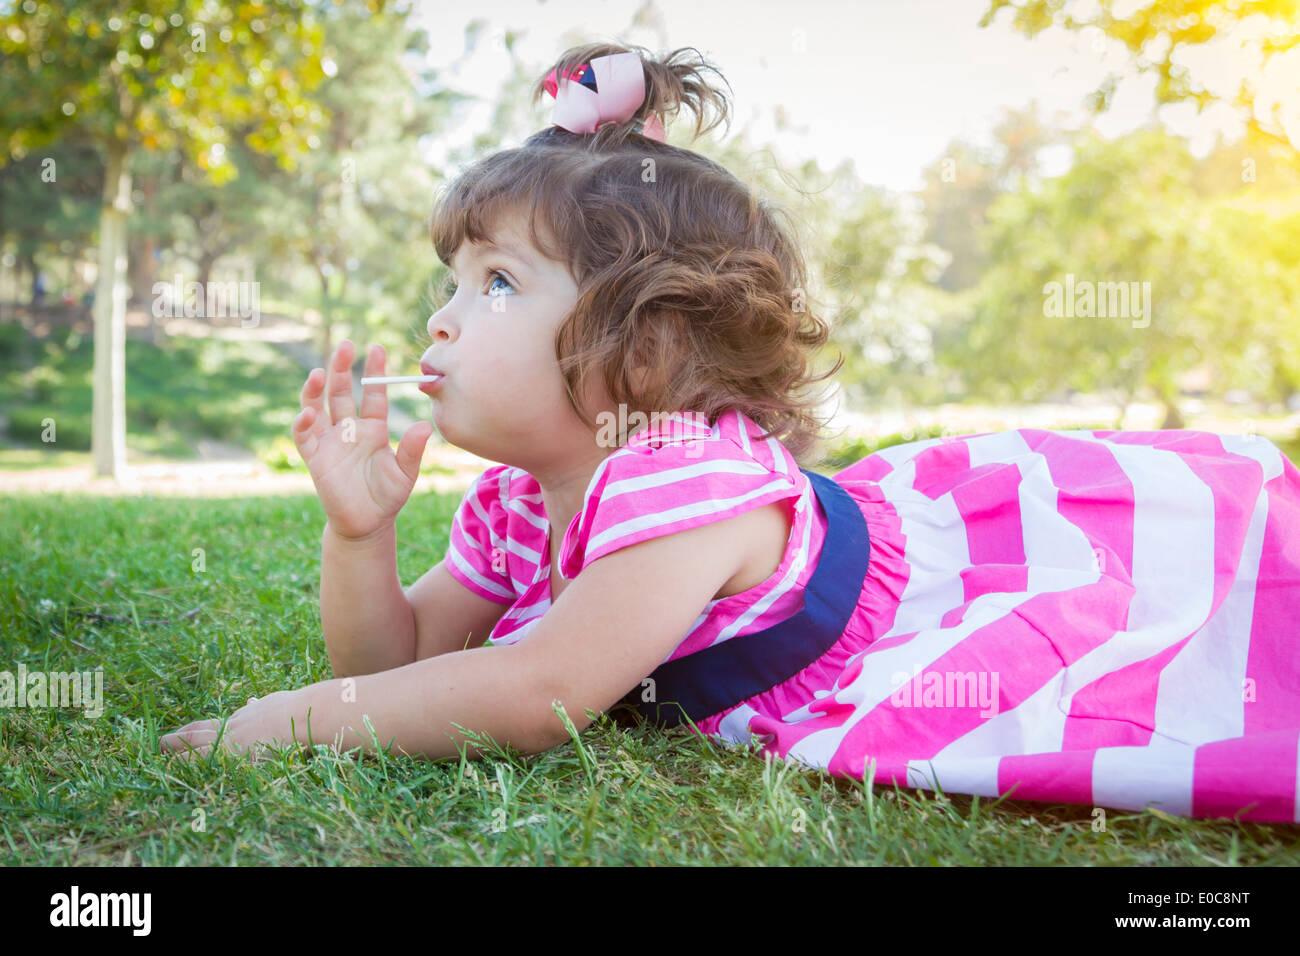 Carino Bambina godendo della sua Lollipop all'esterno. Immagini Stock